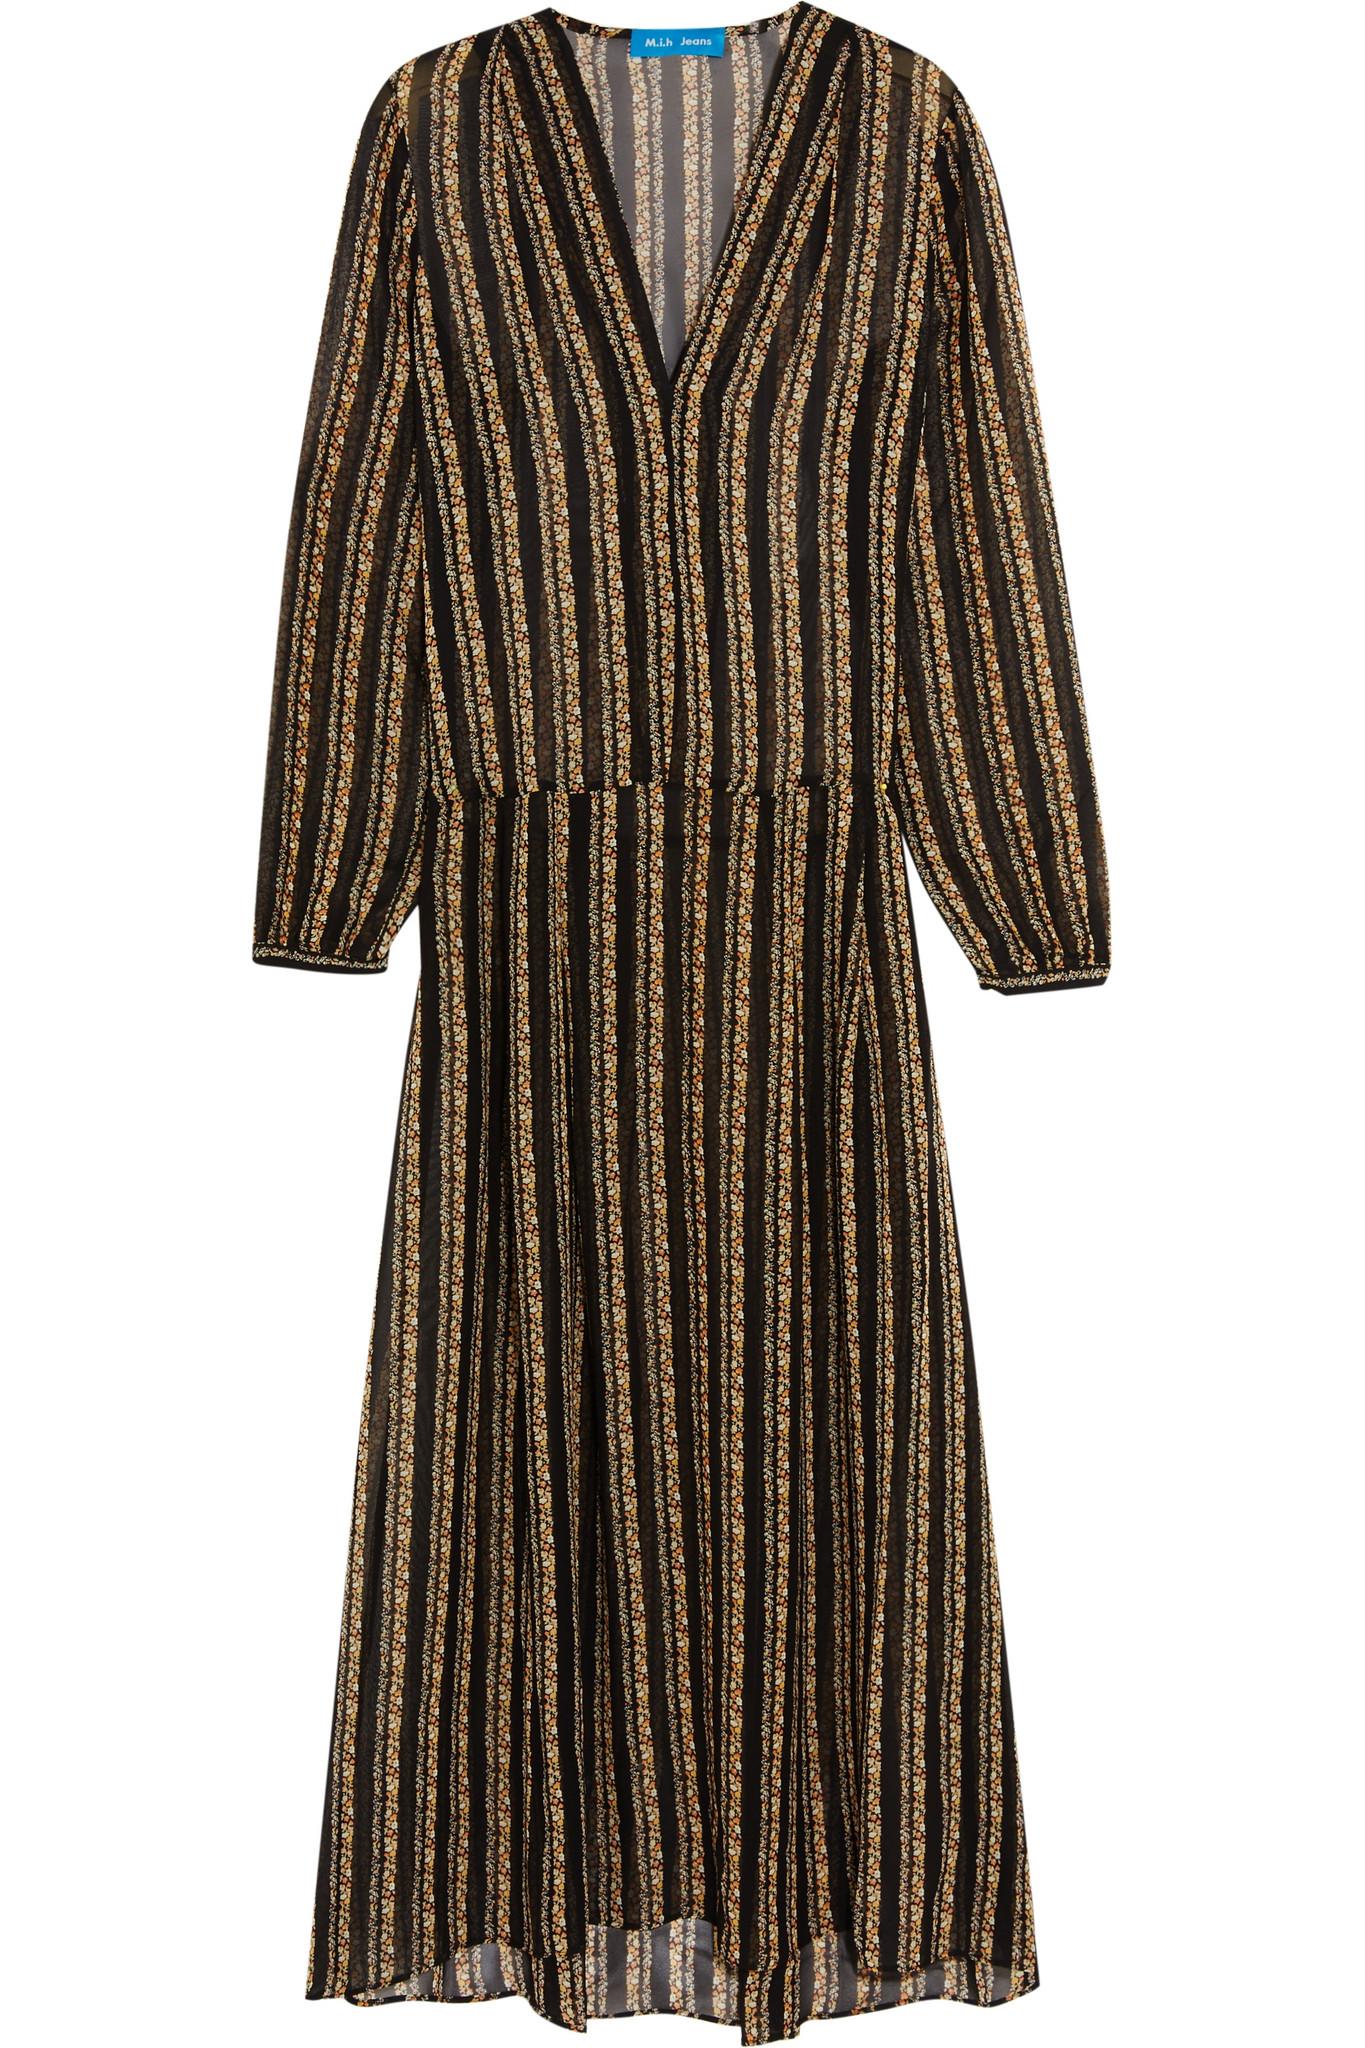 07a75ebe08 Lyst - M.i.h Jeans Cornflower Floral-print Silk-chiffon Midi Dress ...